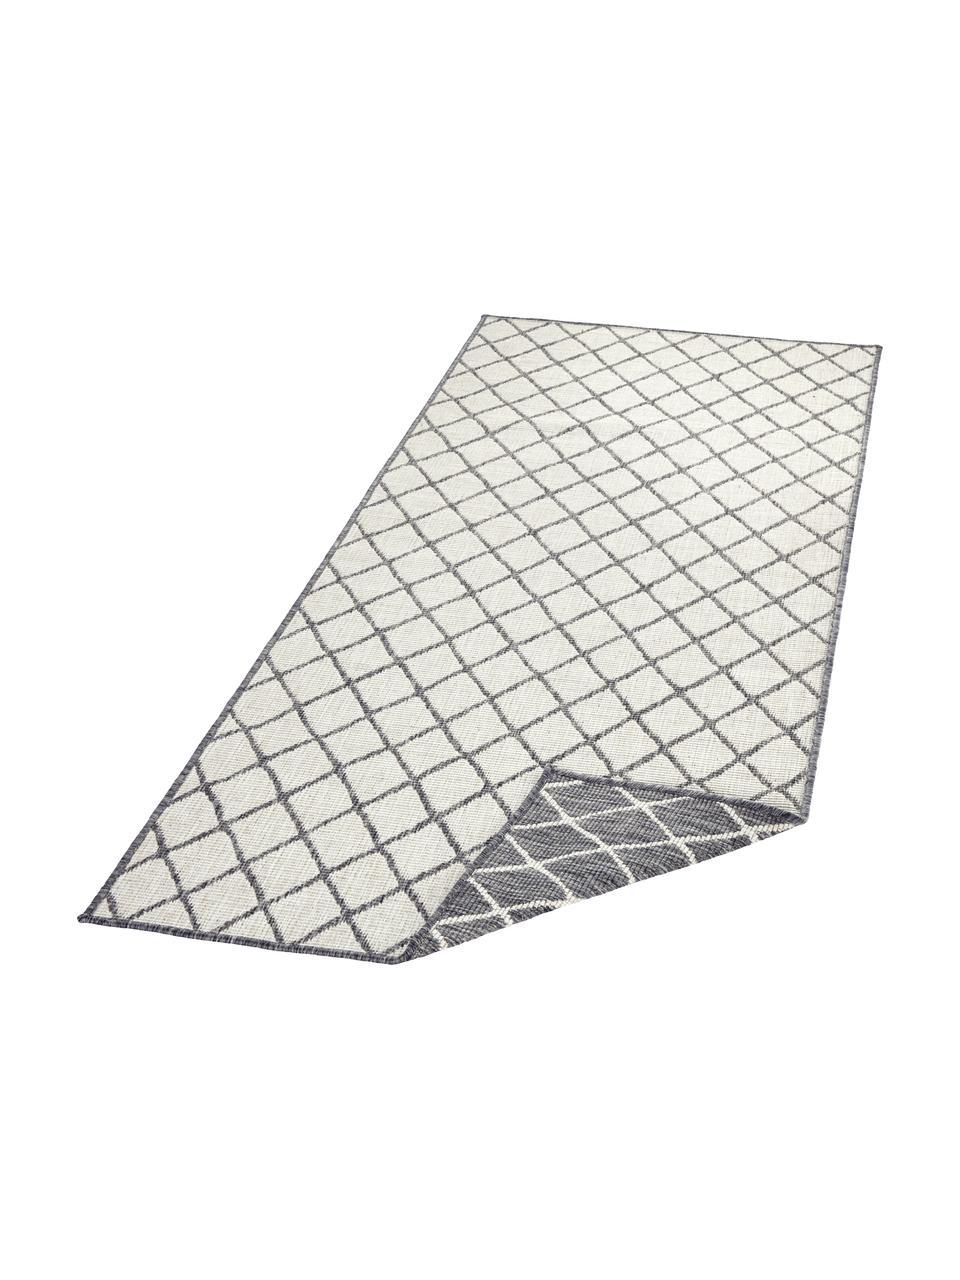 Dwustronny chodnik wewnętrzny/zewnętrzny  Malaga, Szary, odcienie kremowego, S 80 x D 250 cm